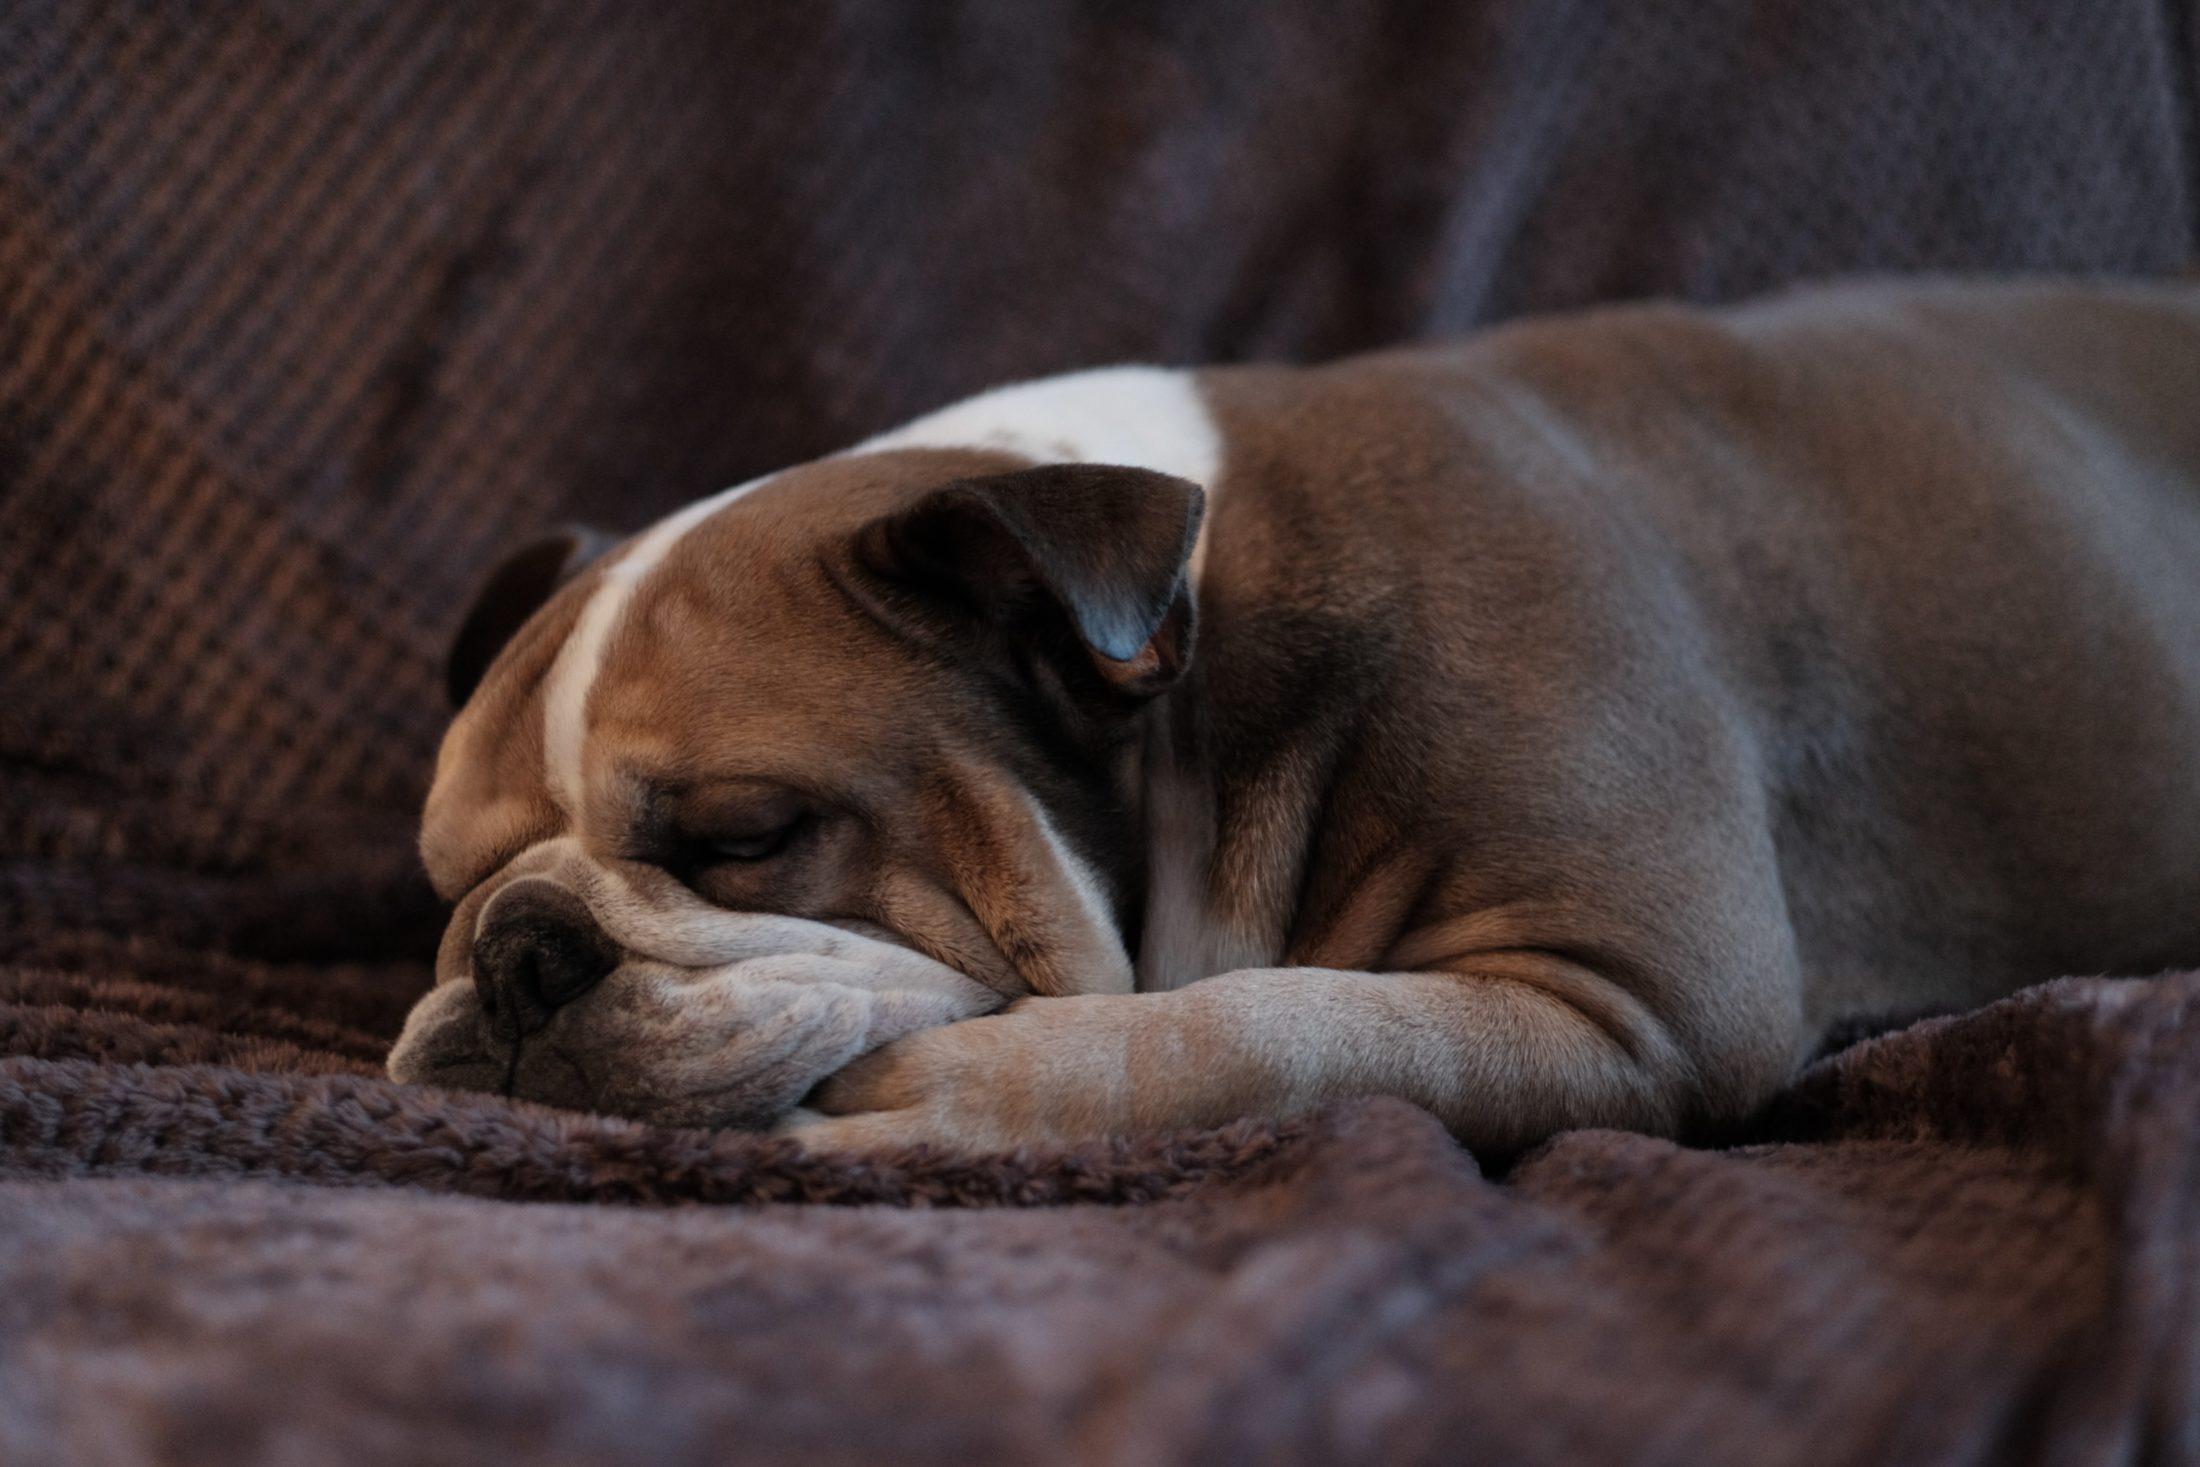 buldogue inglês dormindo no sofá